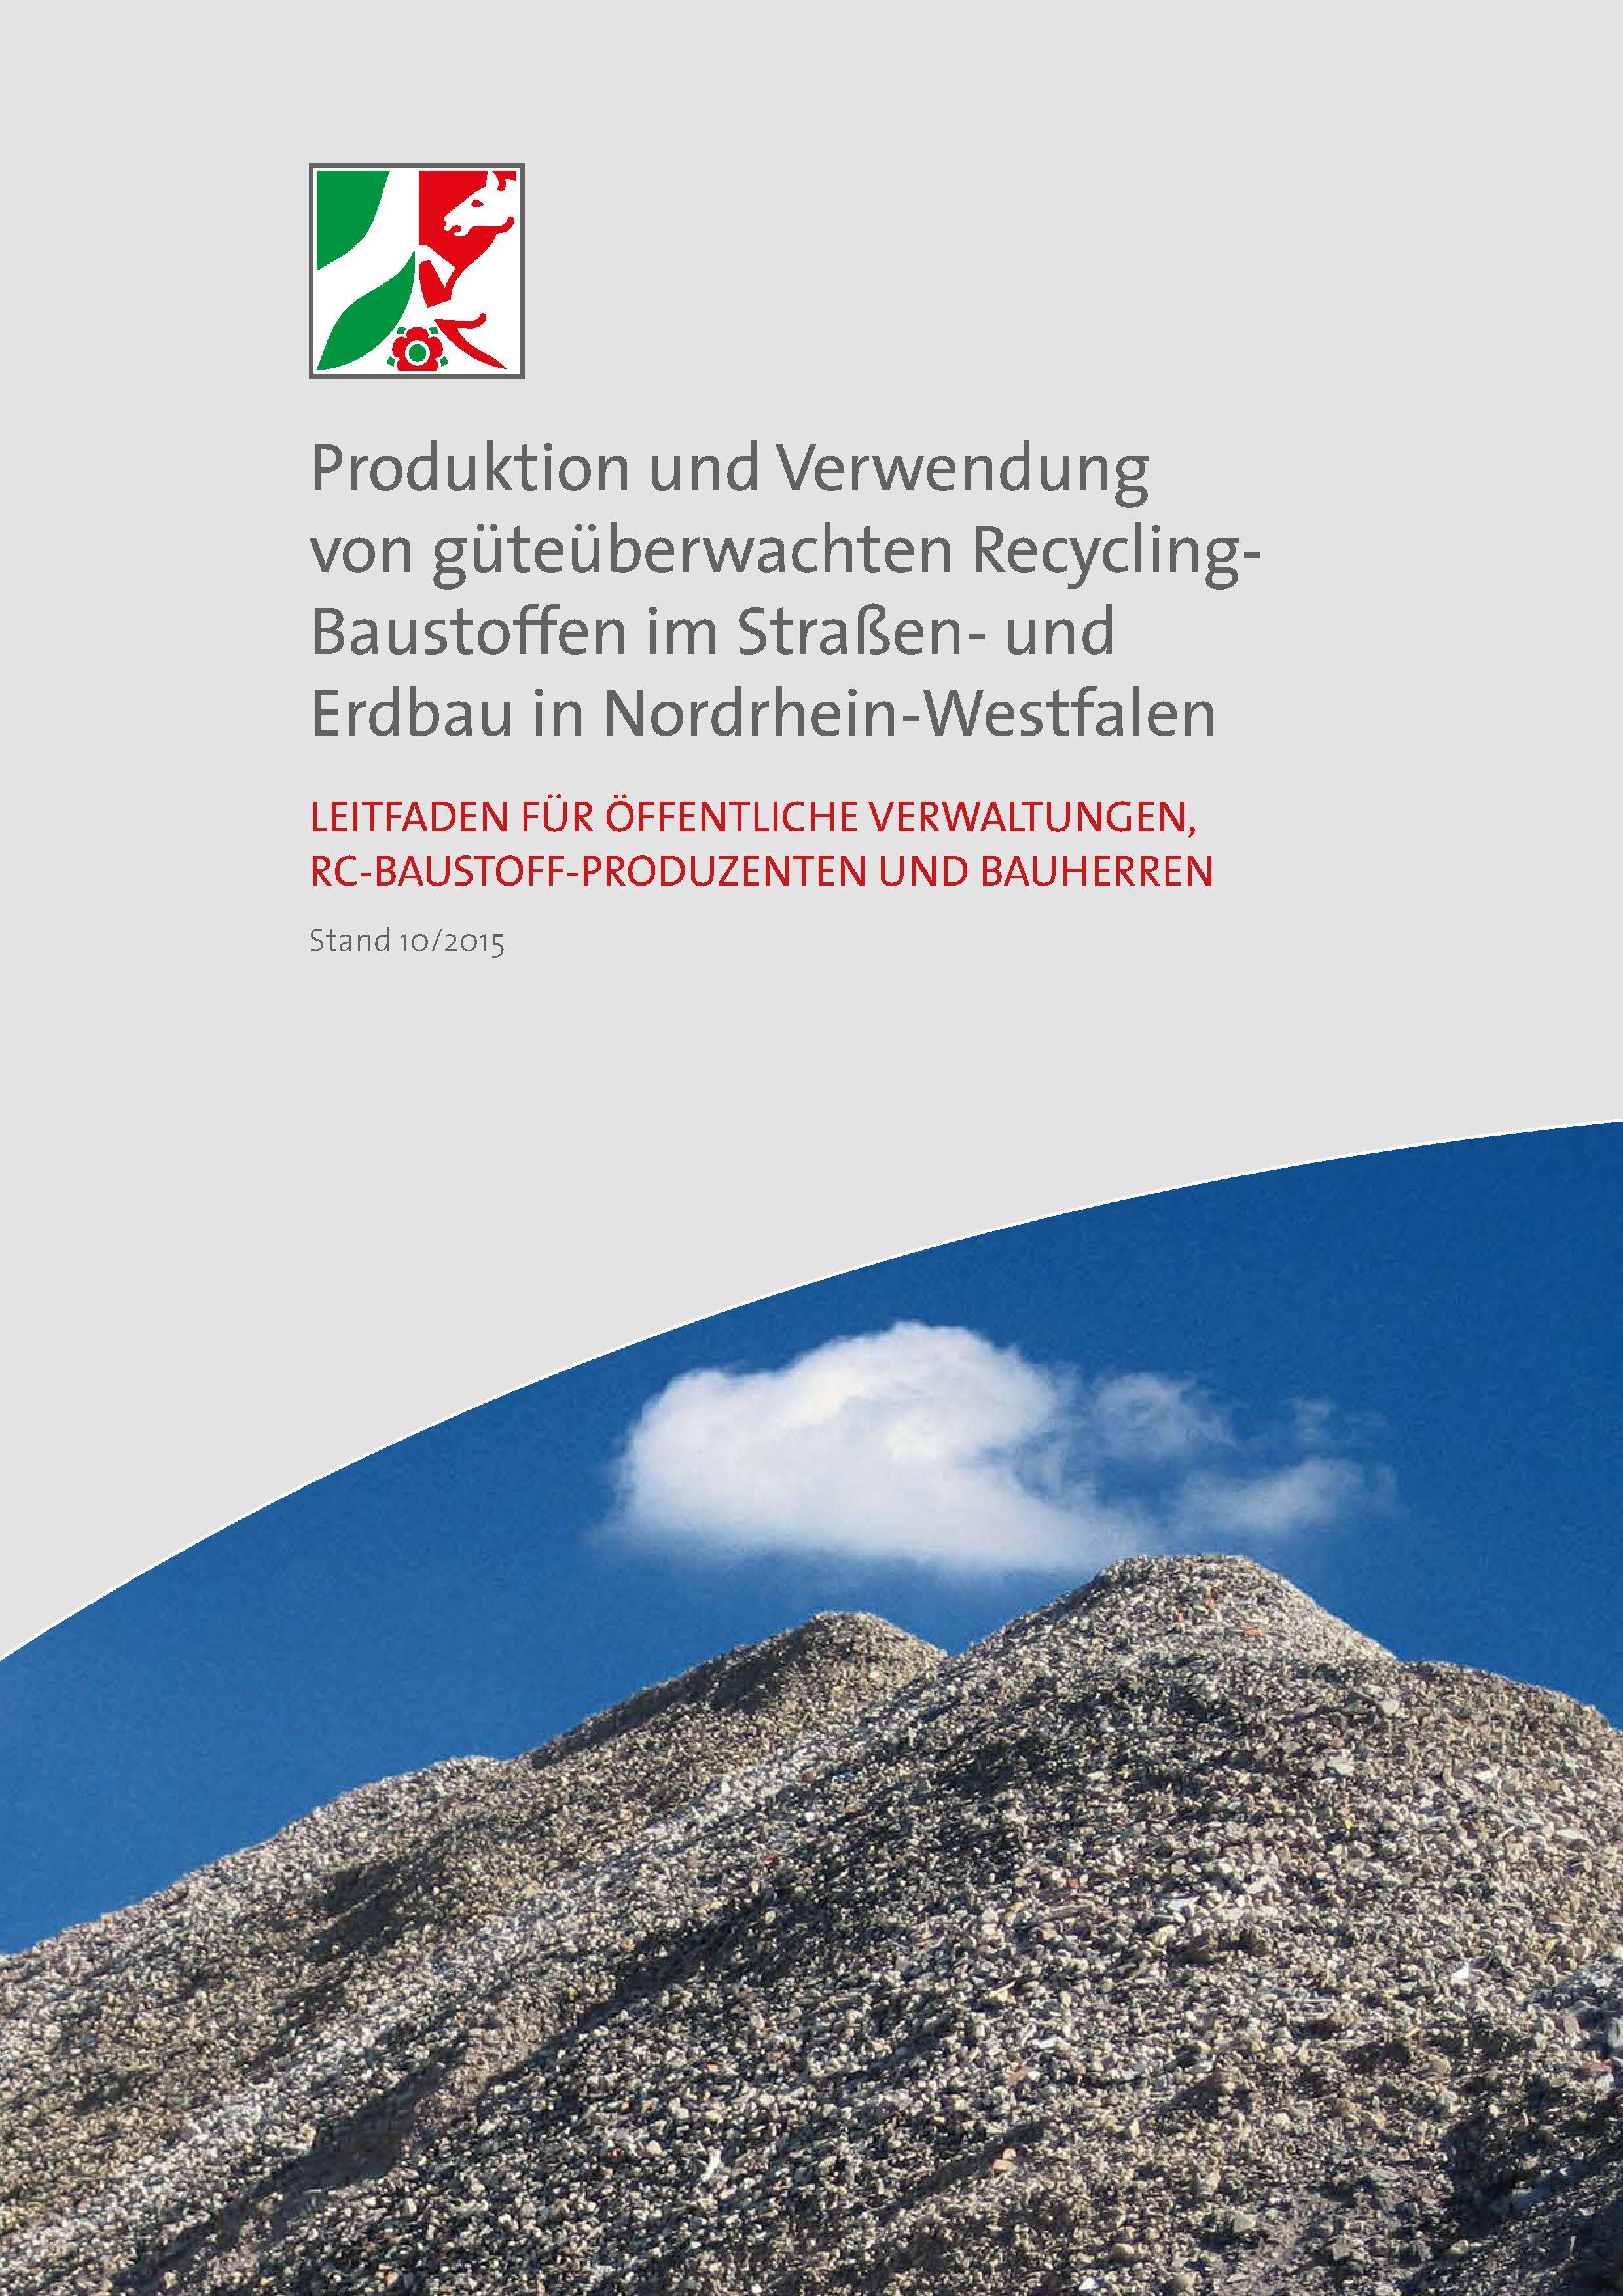 NRW: Neuer RC-Leitfaden führt durch die Welt der Recycling-Baustoffe